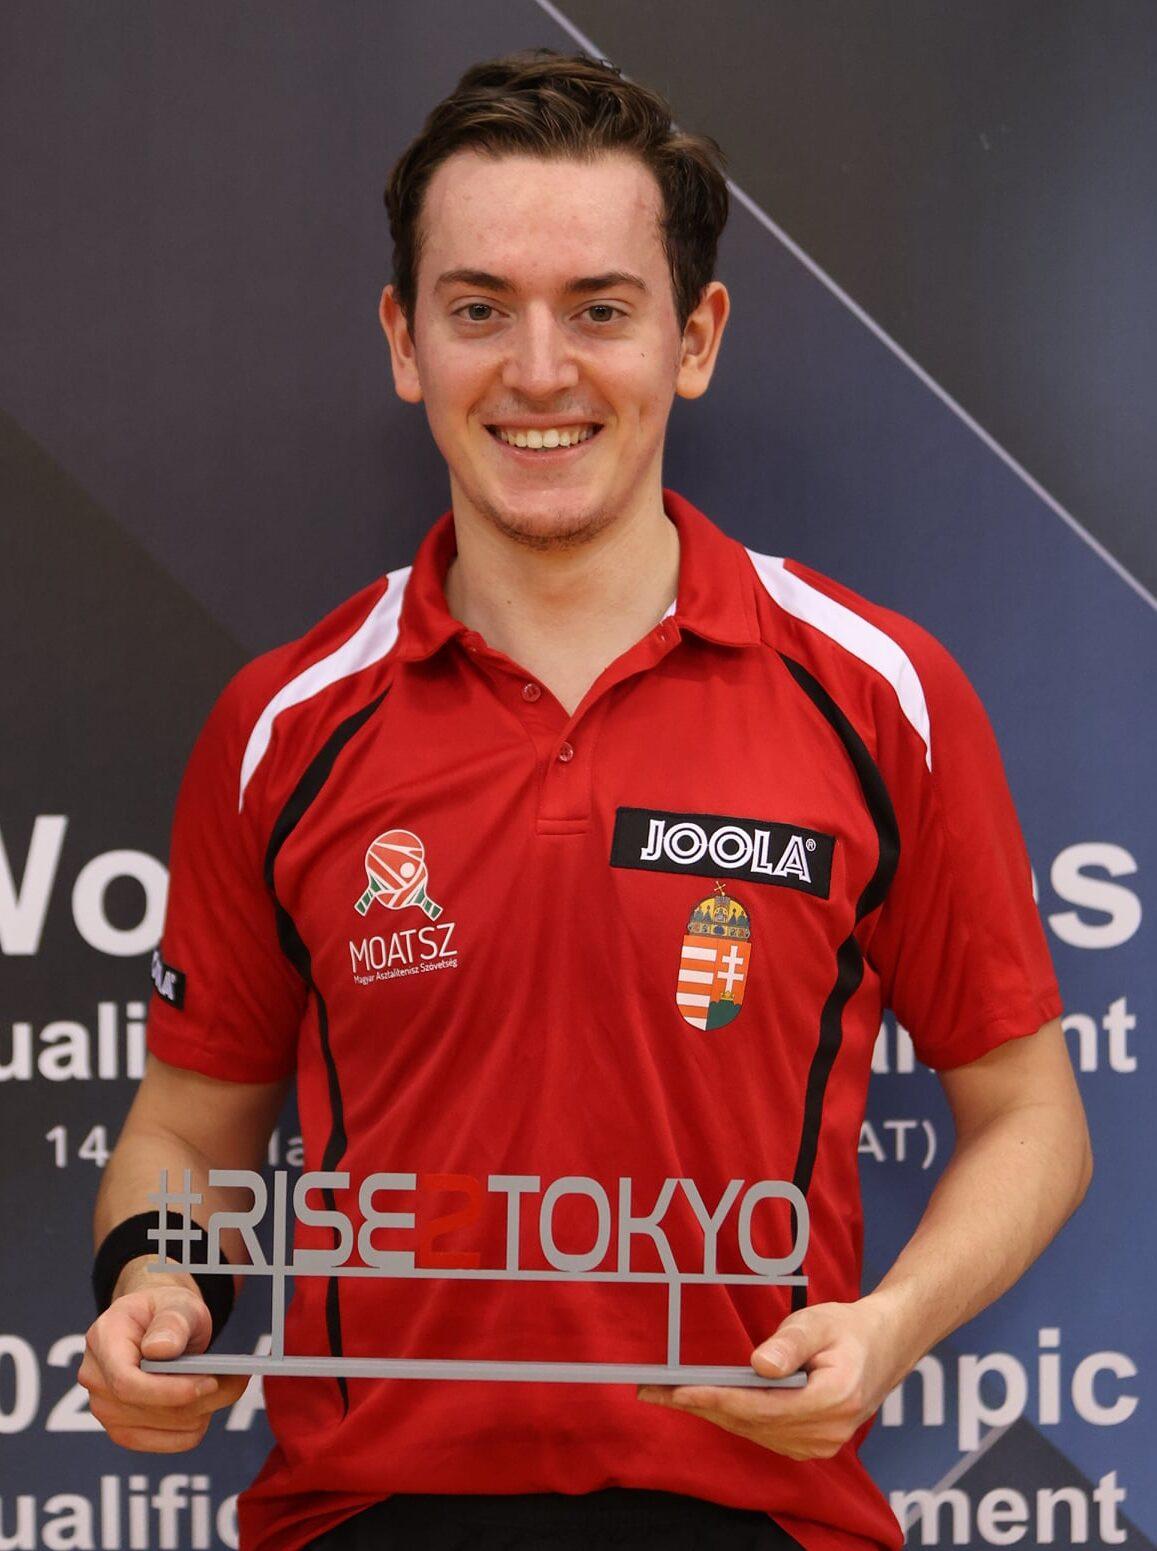 Bence Majoros, da Hungria, garantiu sua vaga pelo Pré-Olímpico mundial (Crédito: ITTF)